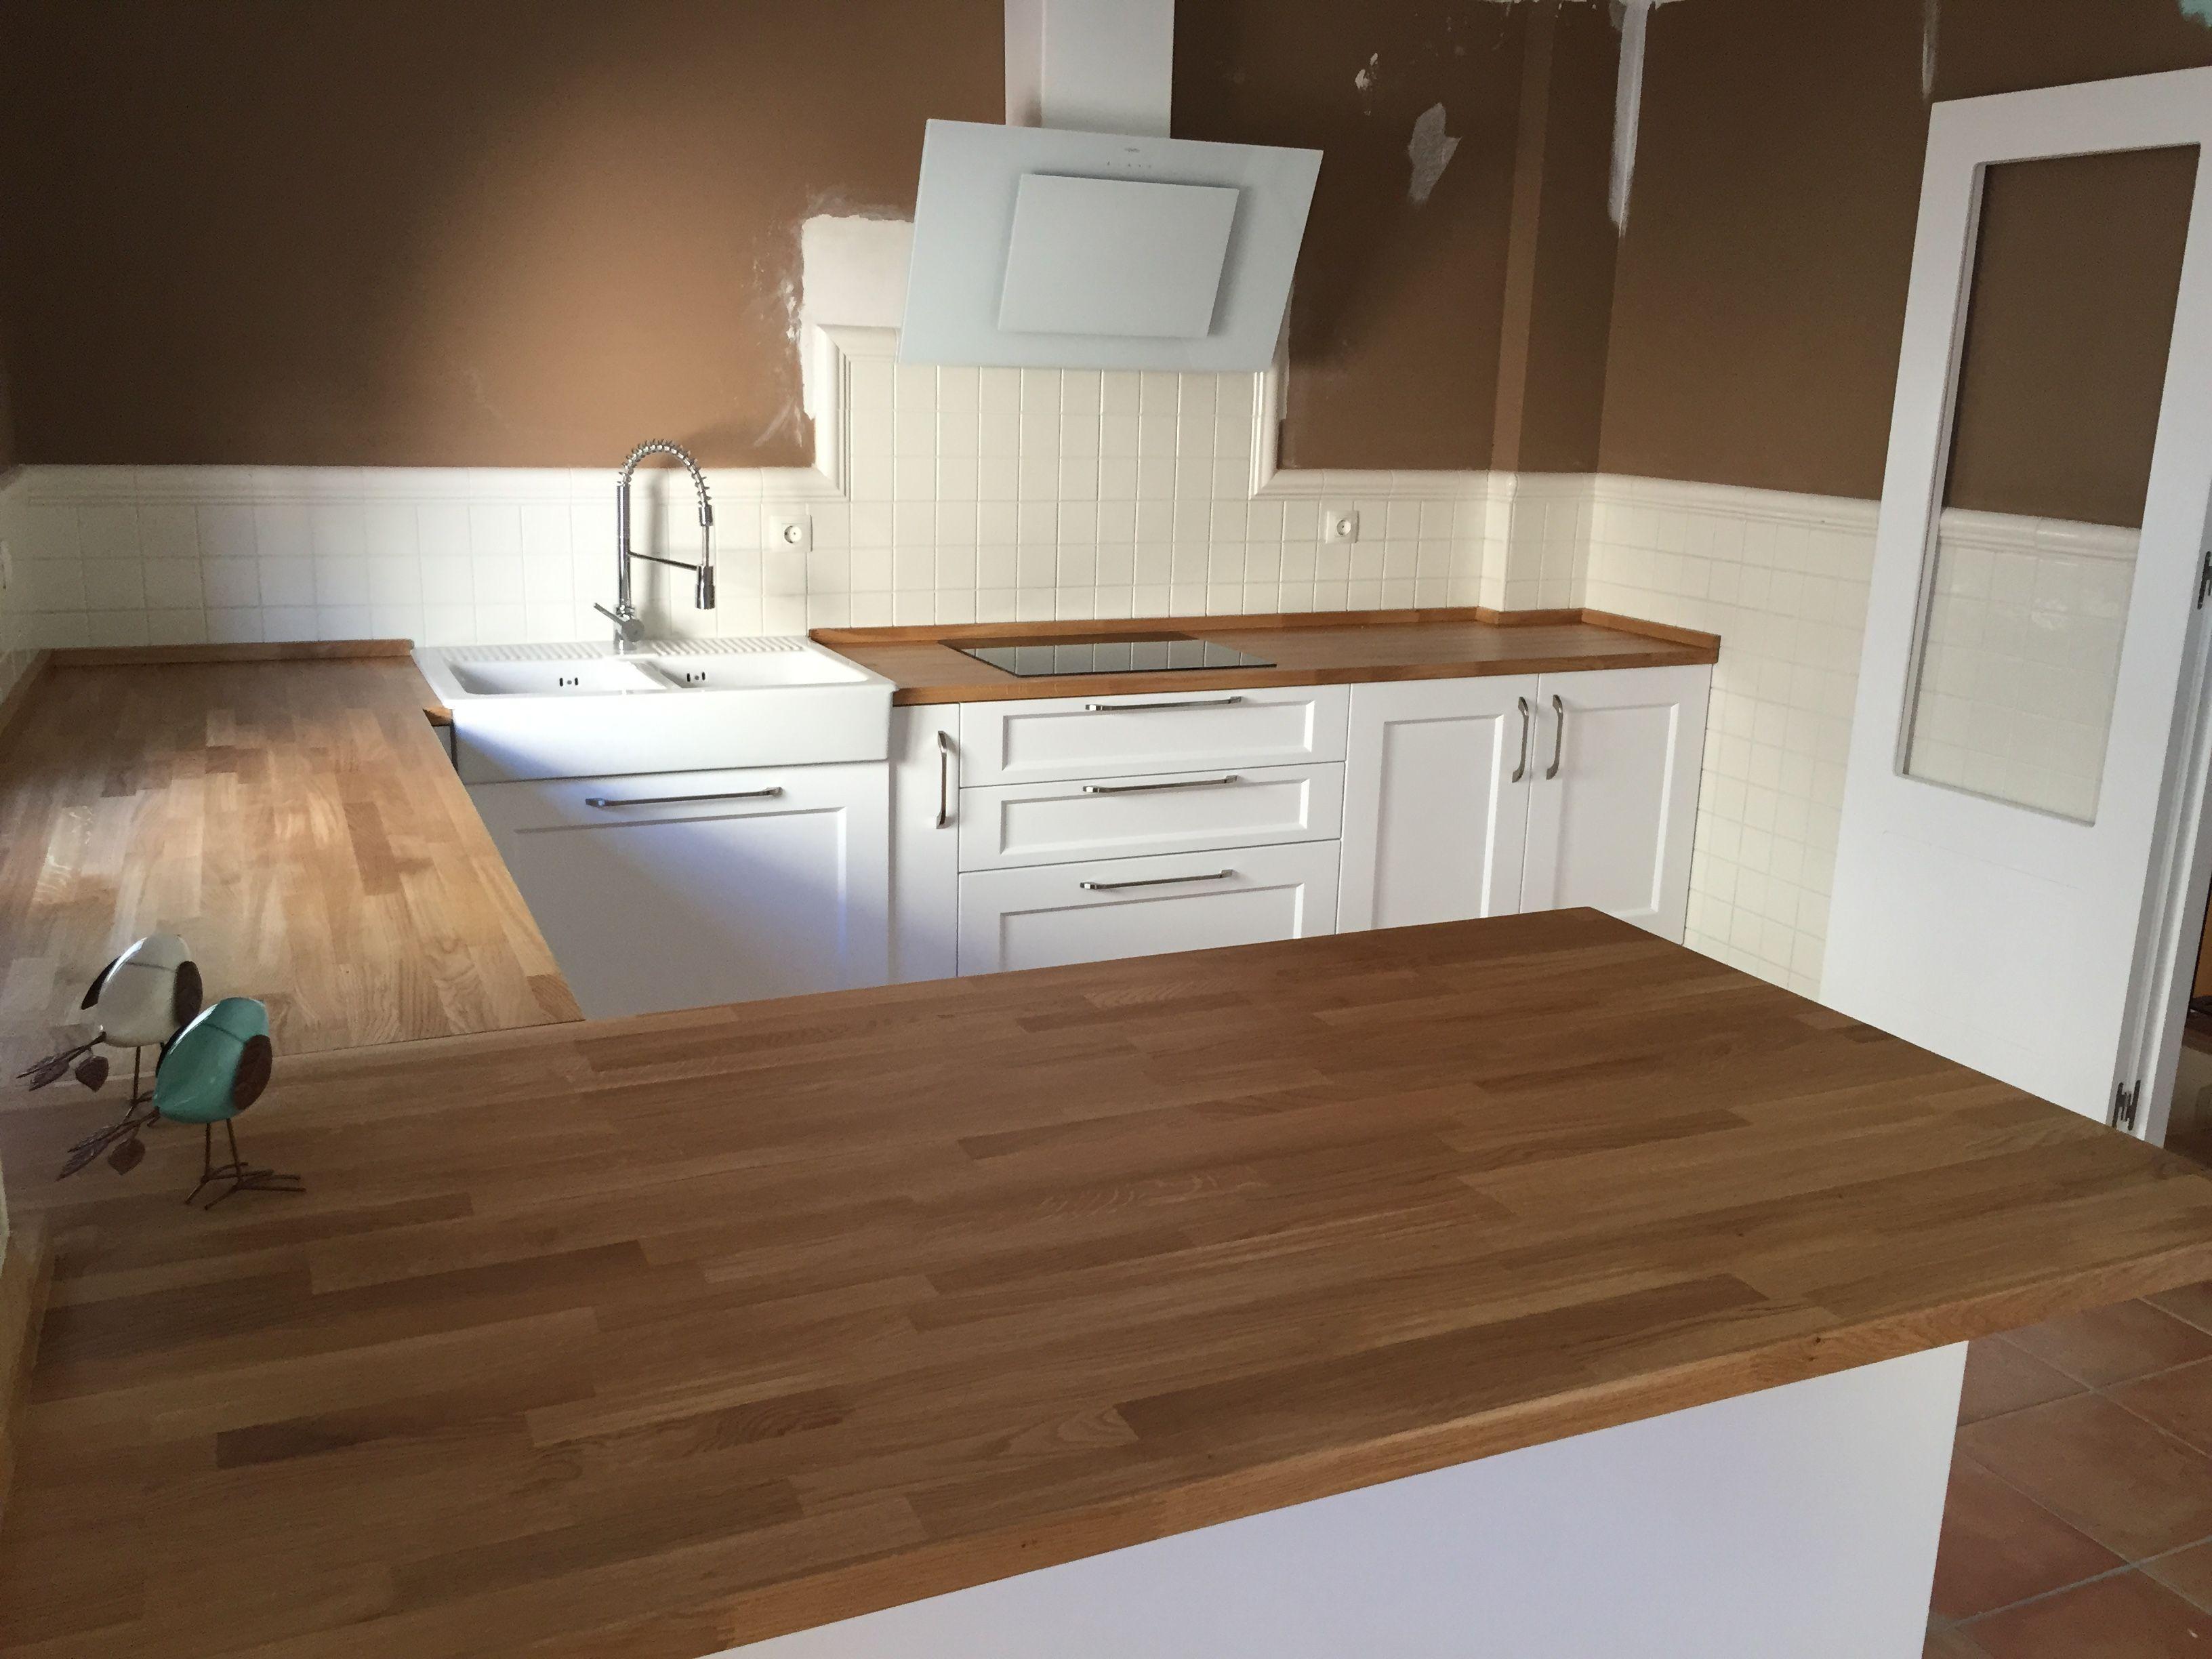 Cocina de dise o n rdico escandinavo puertas lacadas - Encimera madera maciza ...